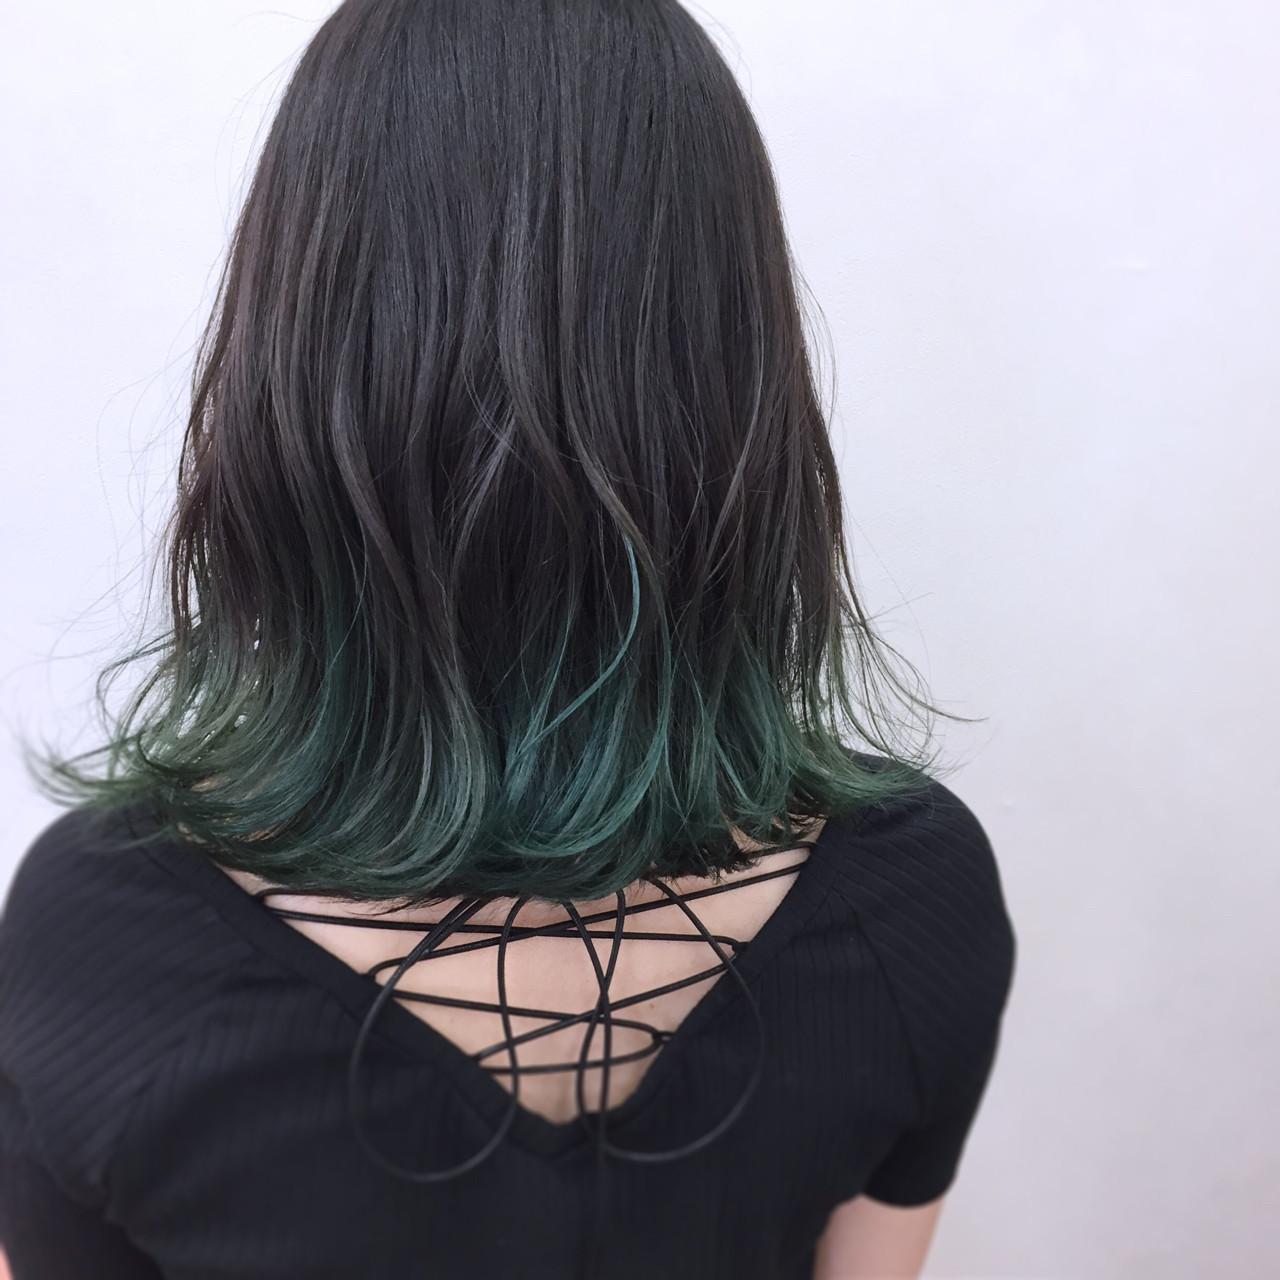 緑の髪色で作る透明感♡ナチュラル個性派髪色に挑戦したいアナタに♡の4枚目の画像